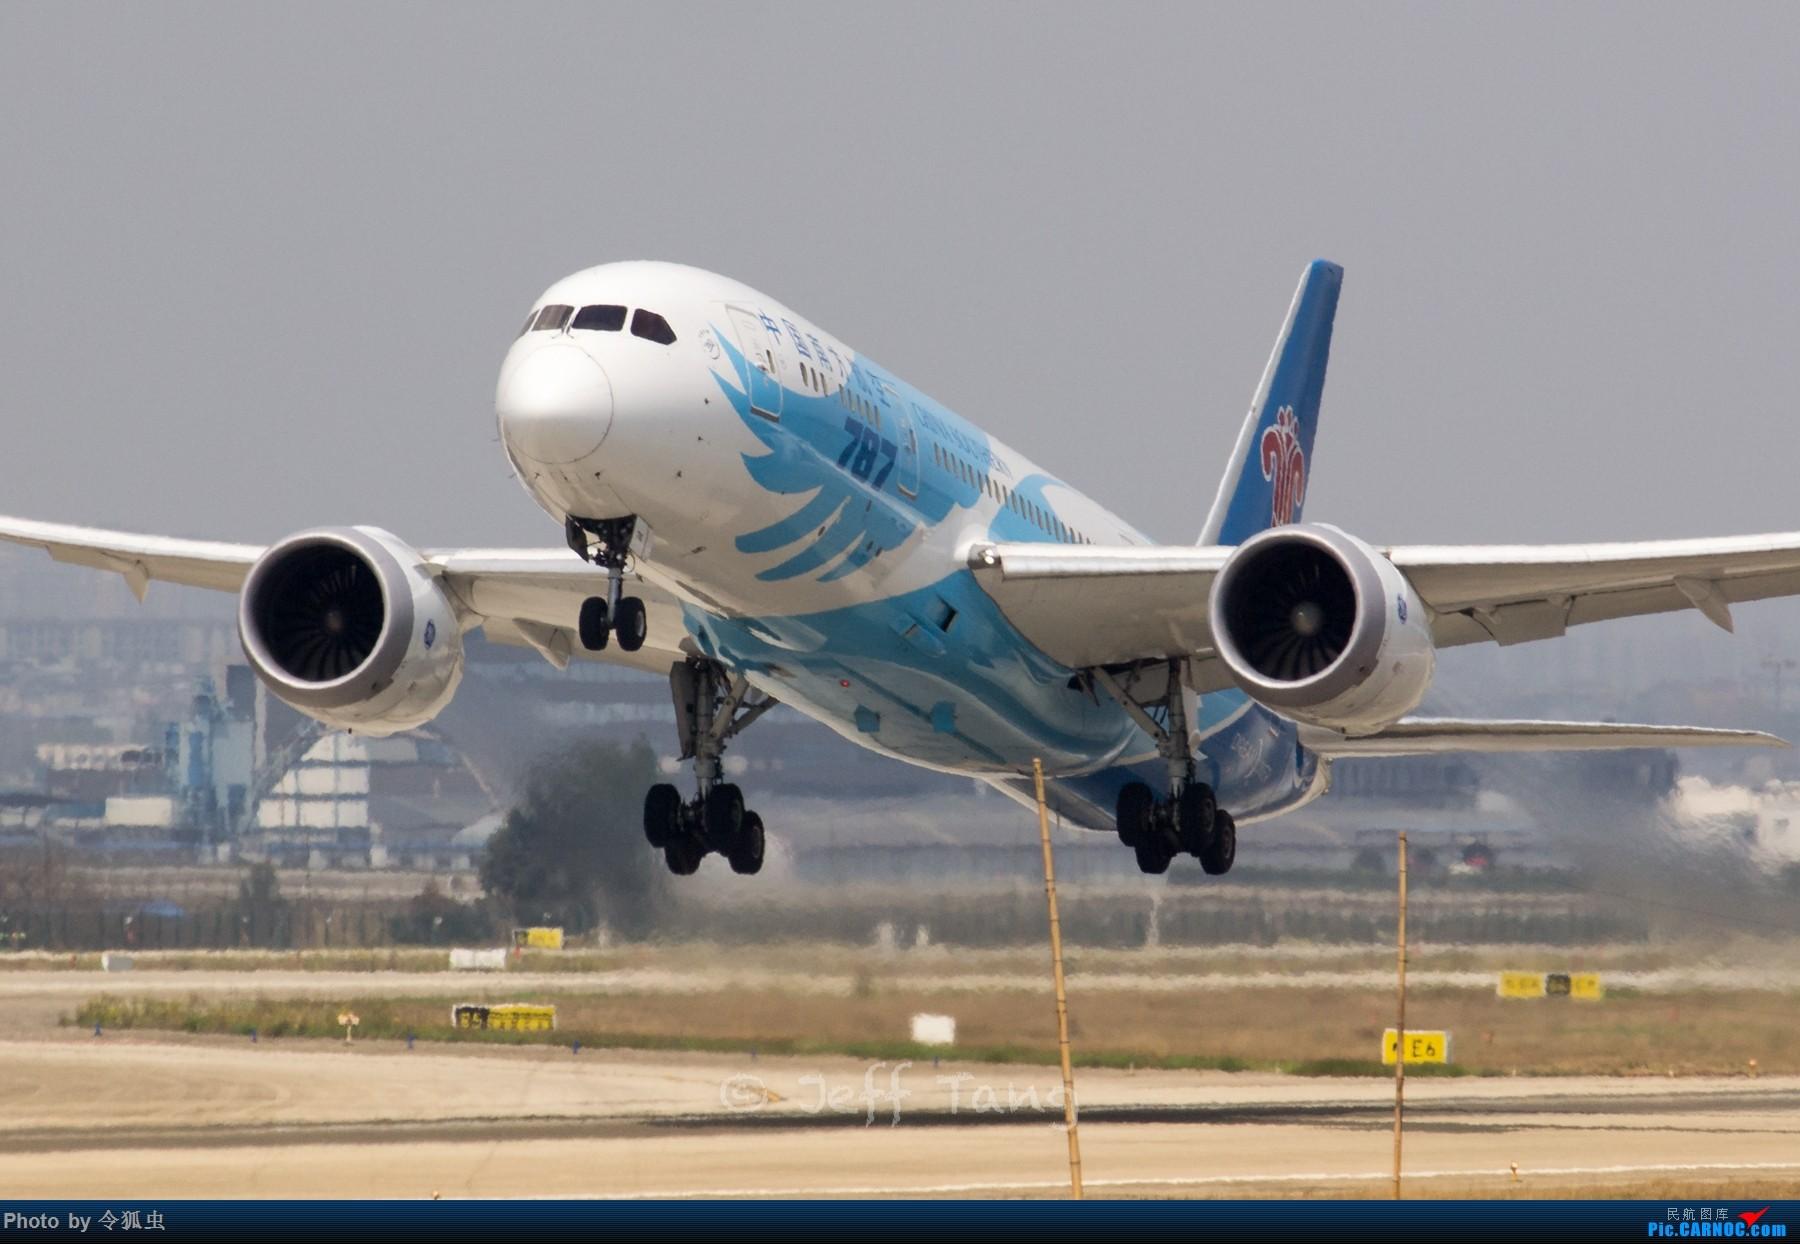 【CTU】南航B-2788_B788离港 BOEING 787-8 B-2788 中国成都双流国际机场